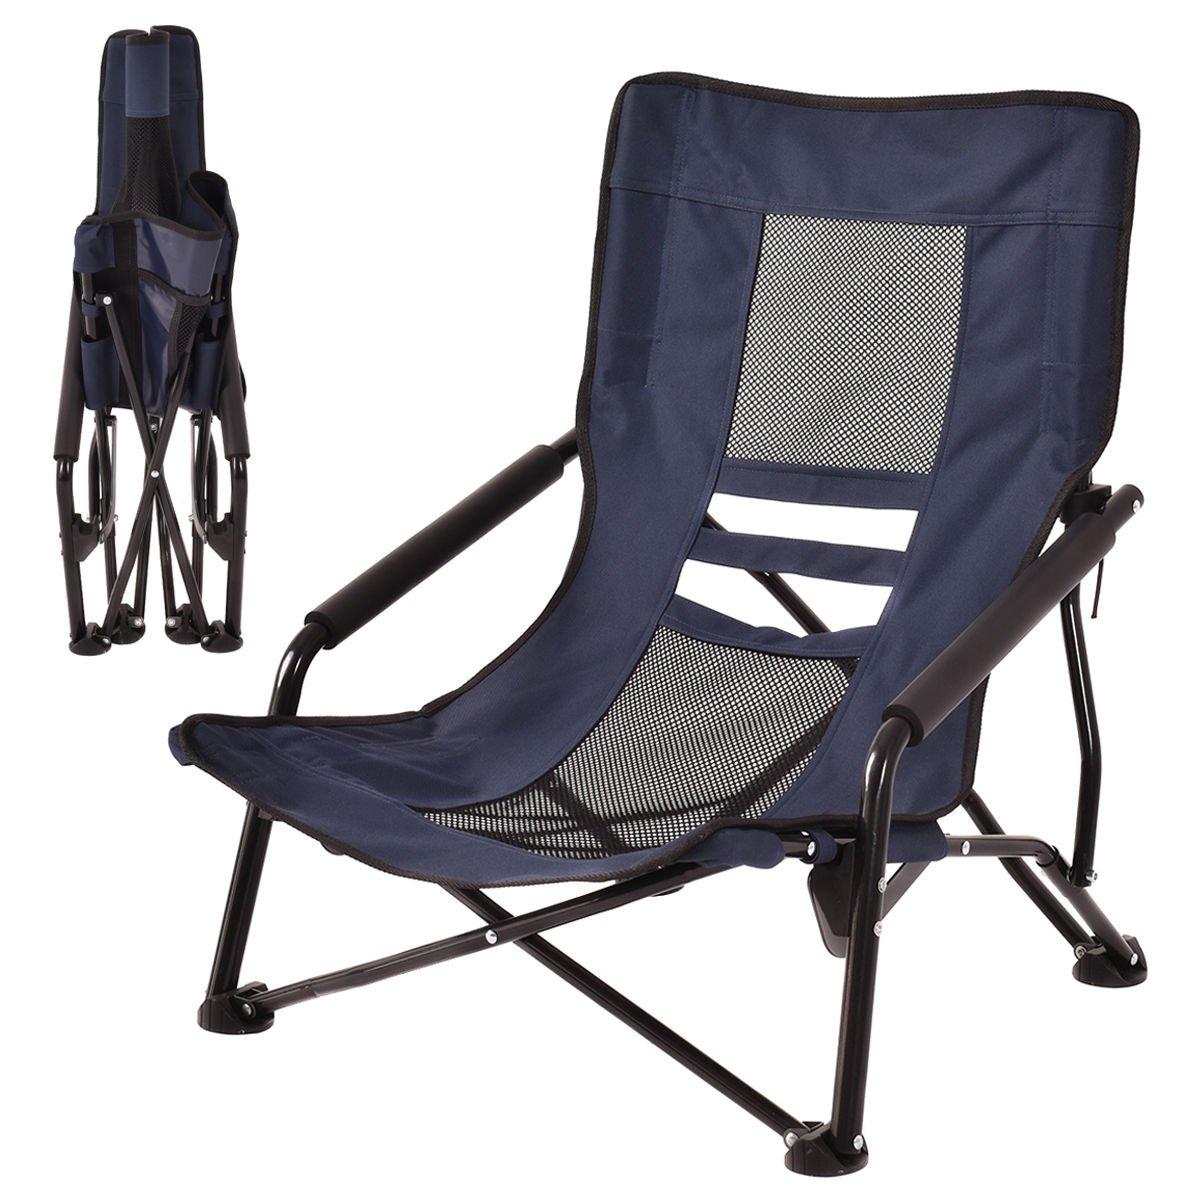 アウトドアハイバック折りたたみビーチ椅子キャンプ家具ポータブルメッシュシートネイビー B073Z33SDX